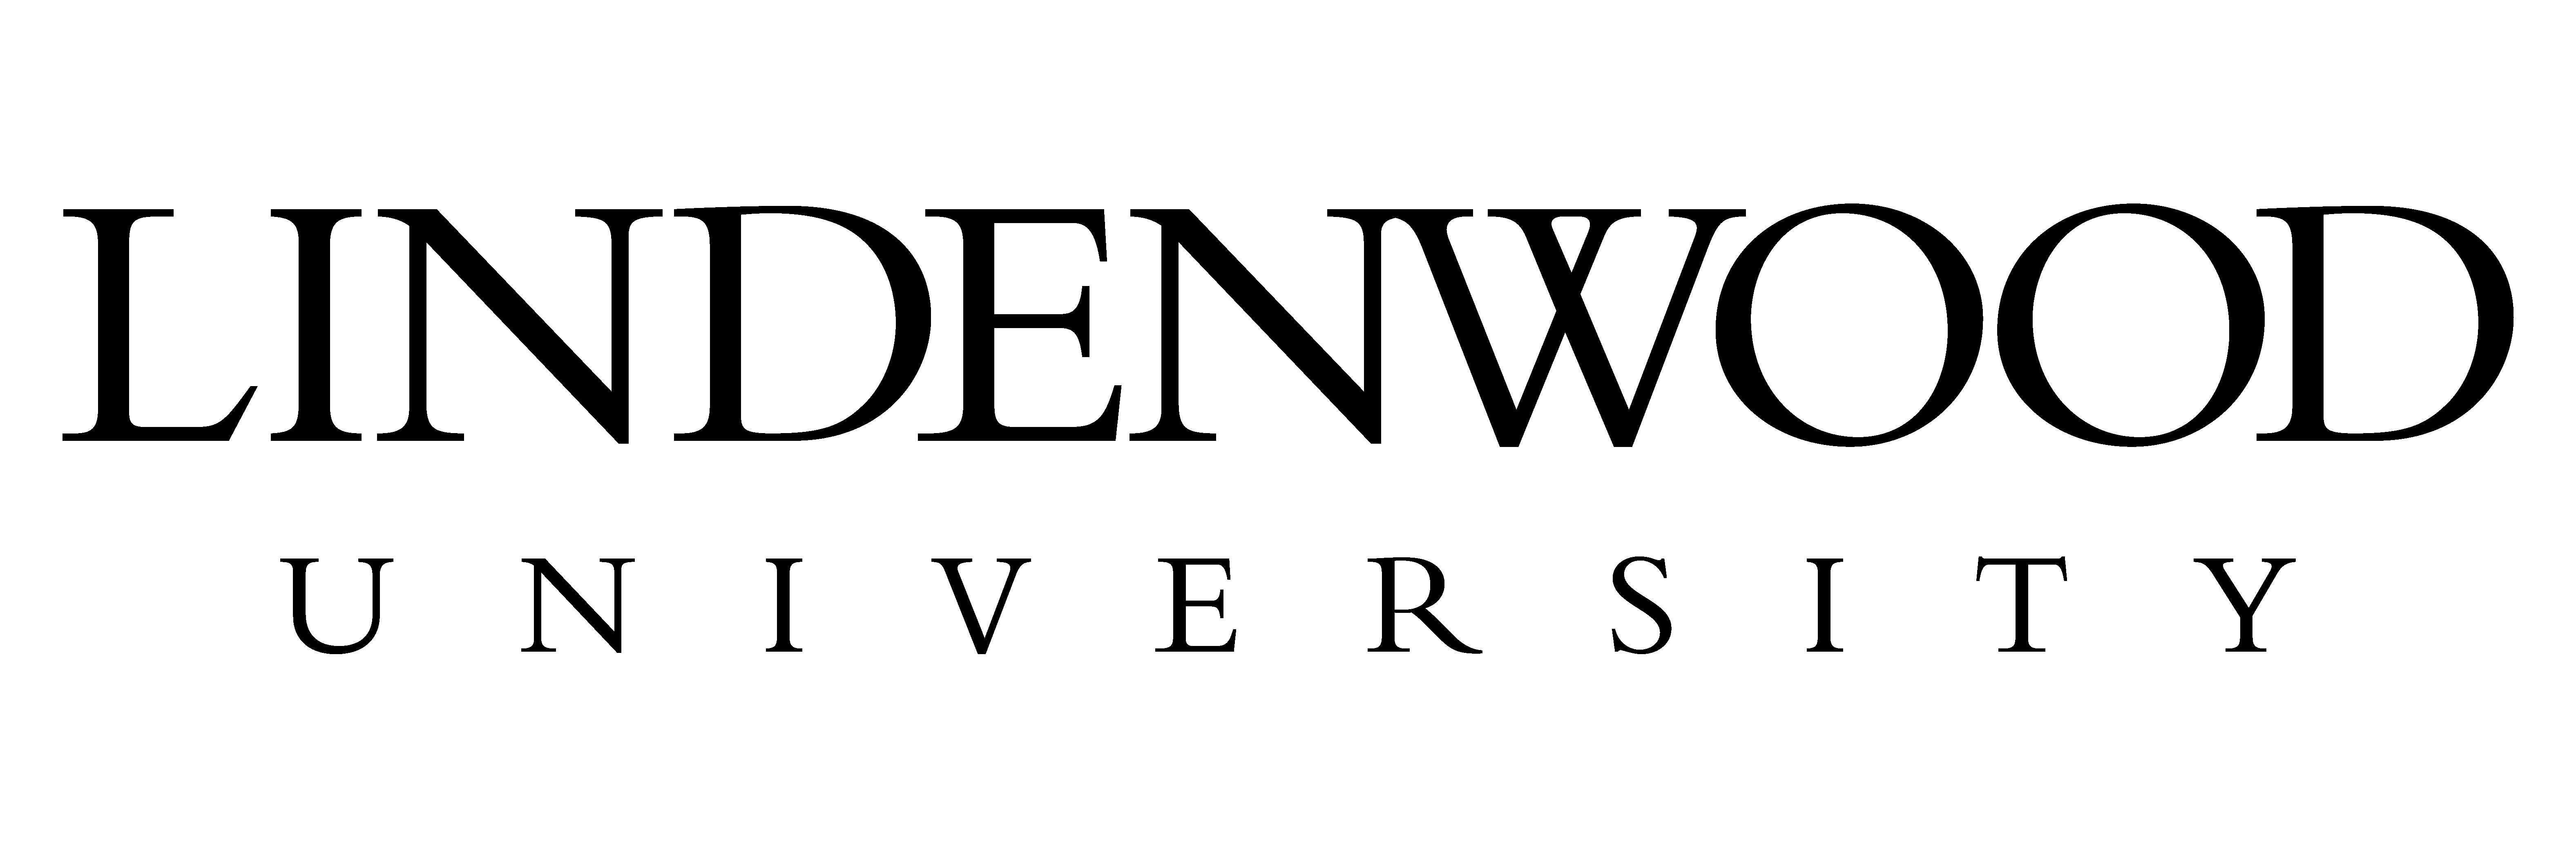 Lindenwood University - Primary Logo - Black